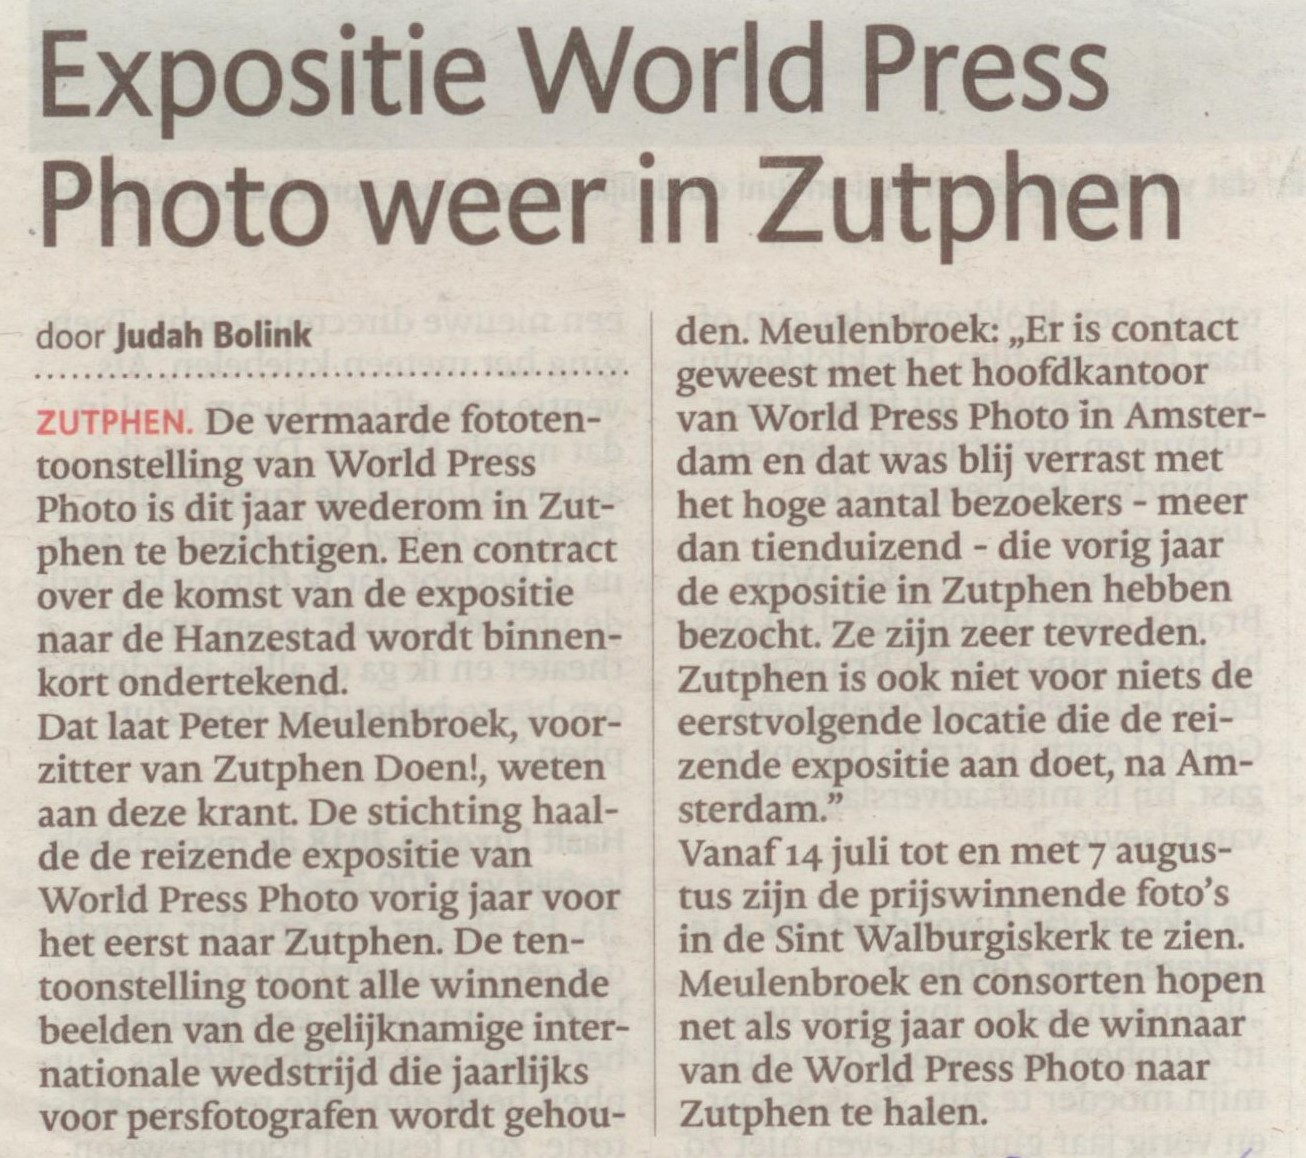 160128 De Stentor Expositie World Press Photo weer in Zutphen